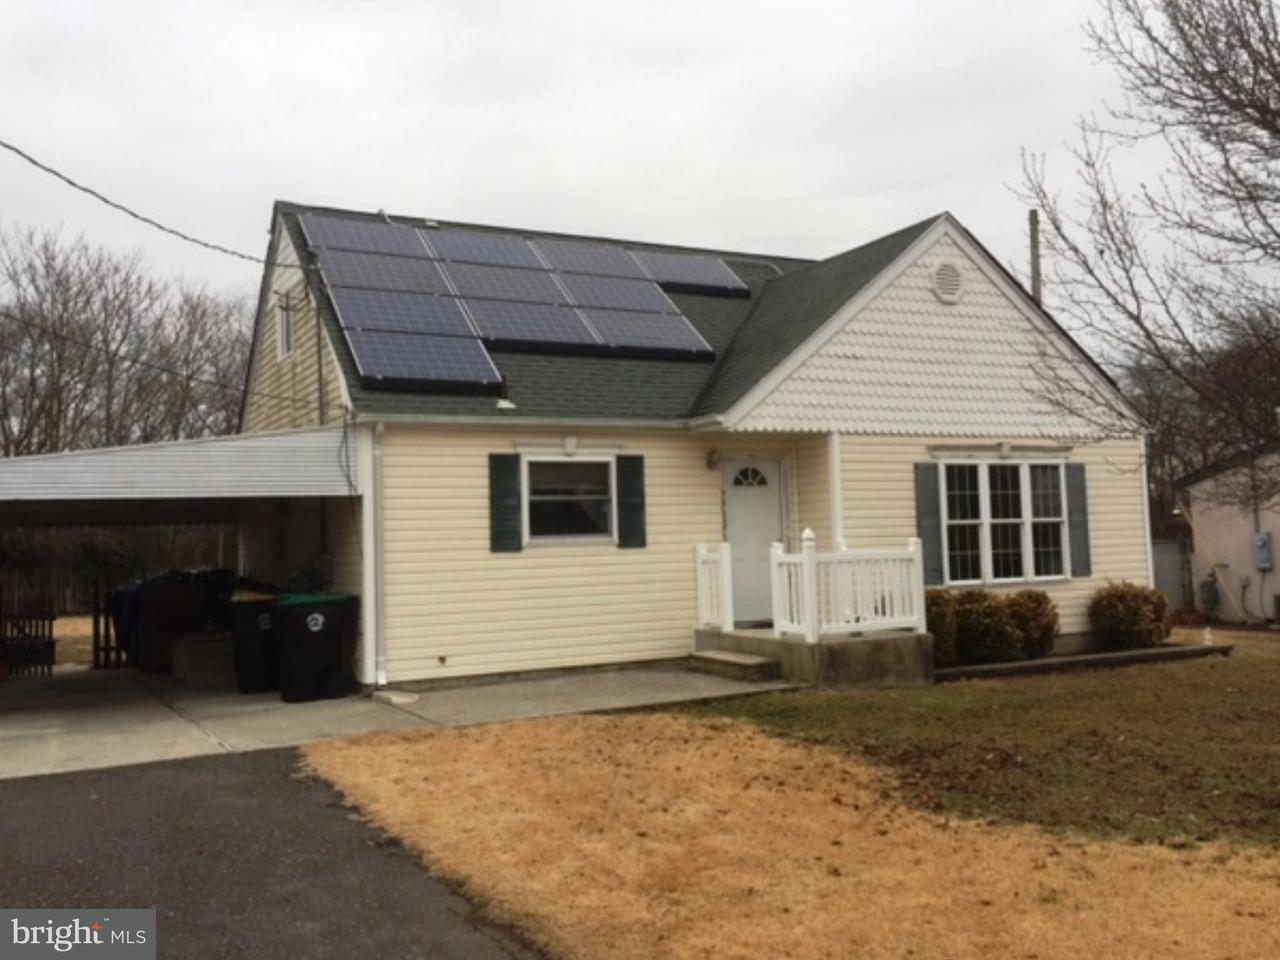 Casa Unifamiliar por un Alquiler en 818 WILTSEYS MILL Road Hammonton, Nueva Jersey 08037 Estados Unidos